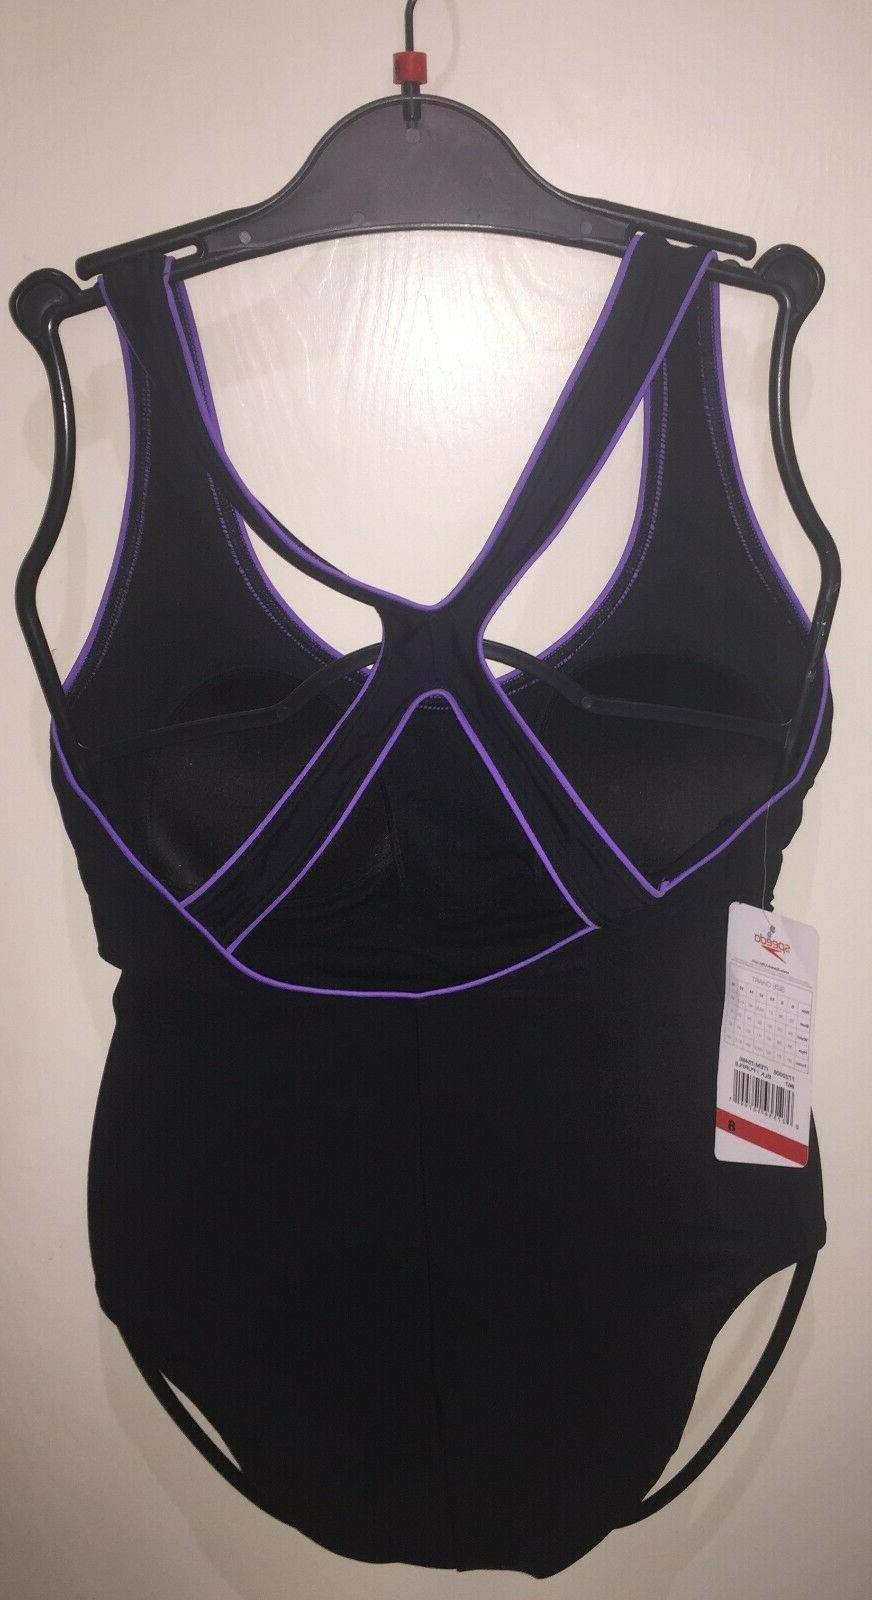 SPEEDO Womens Ultraback Bathing Purple | New tags